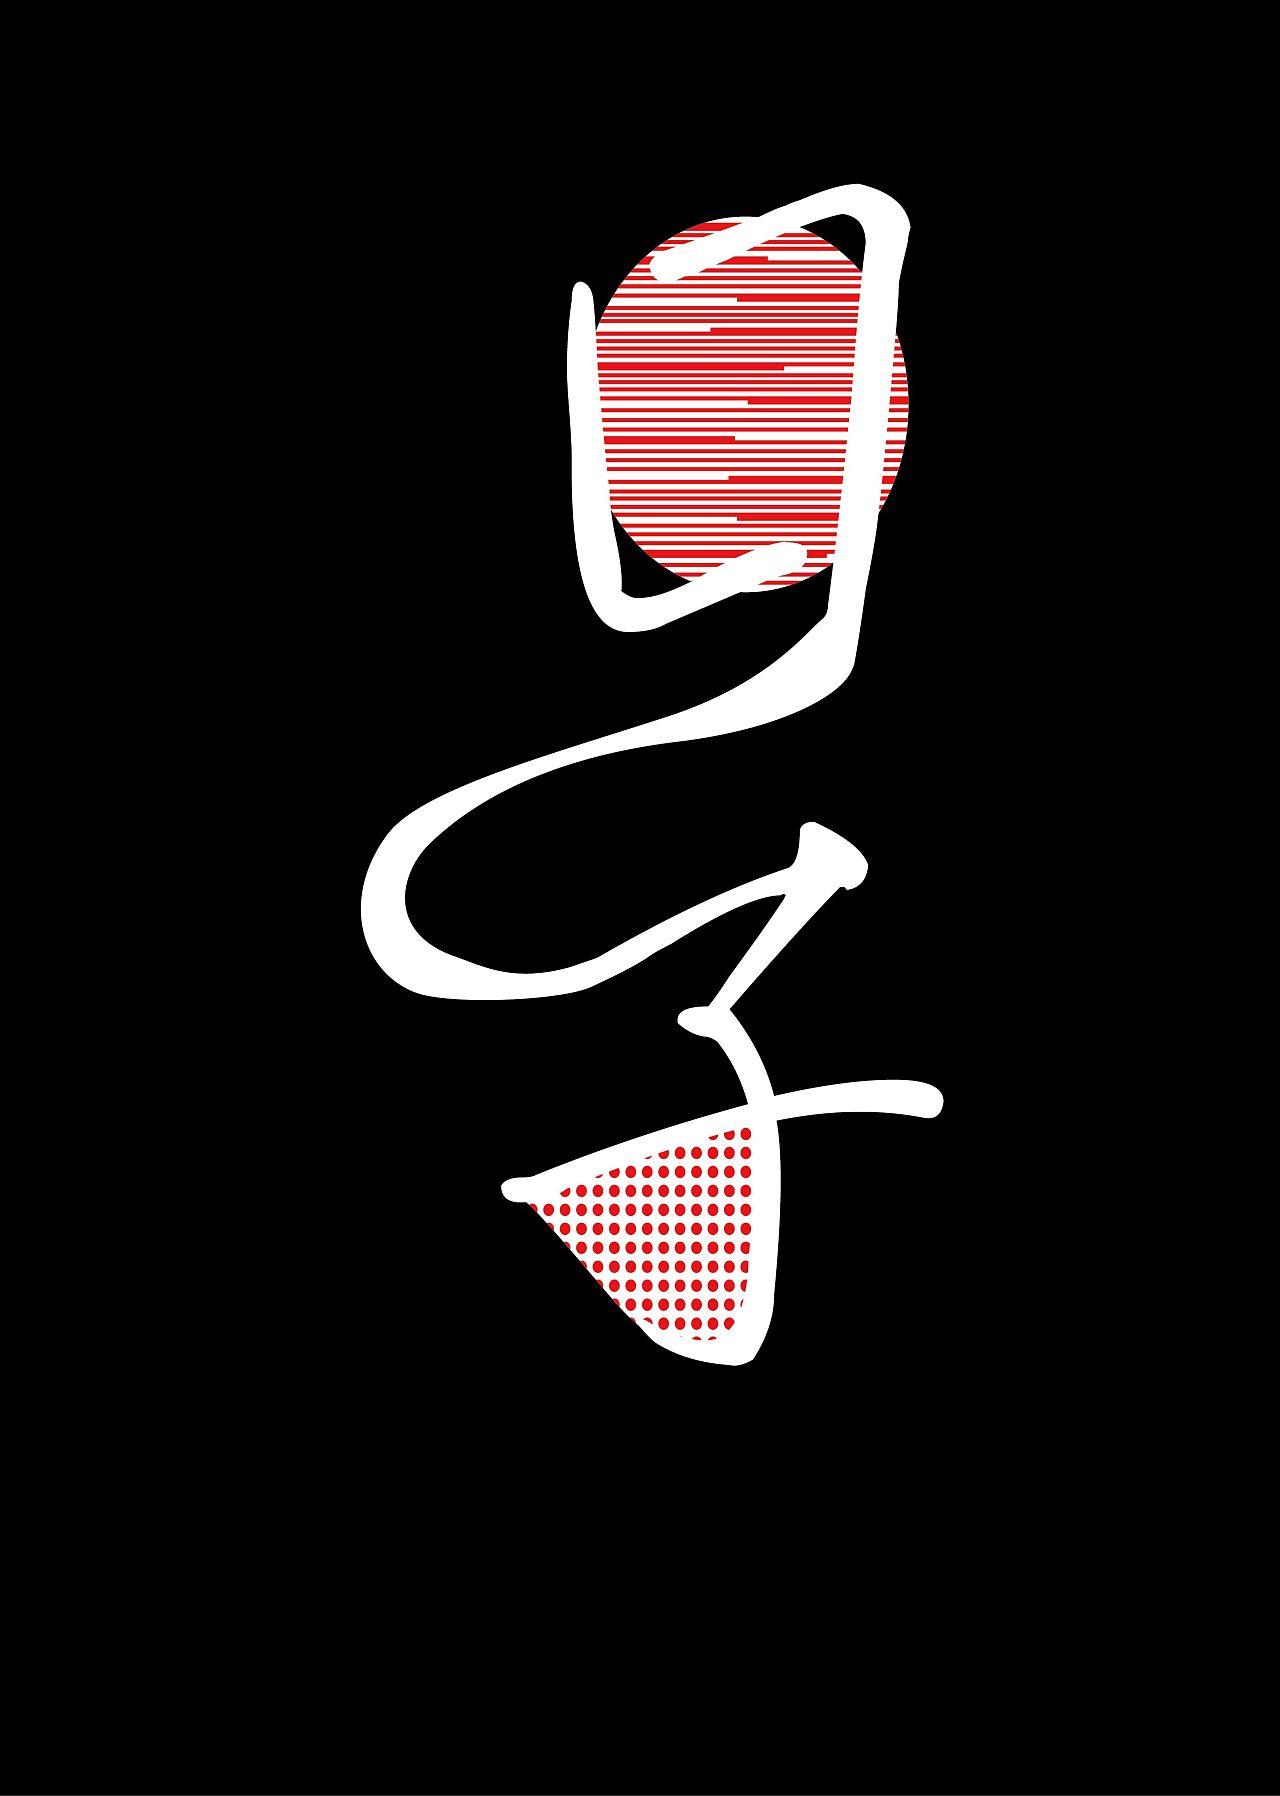 字形设计练习|平面|图标/字体|颖儿YY-原创作品英文字体设计图片素材图片